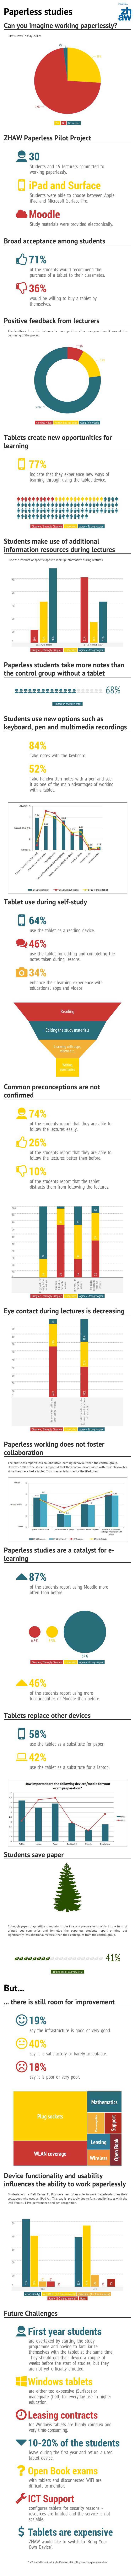 eduhub-days-2015-paperless-studies